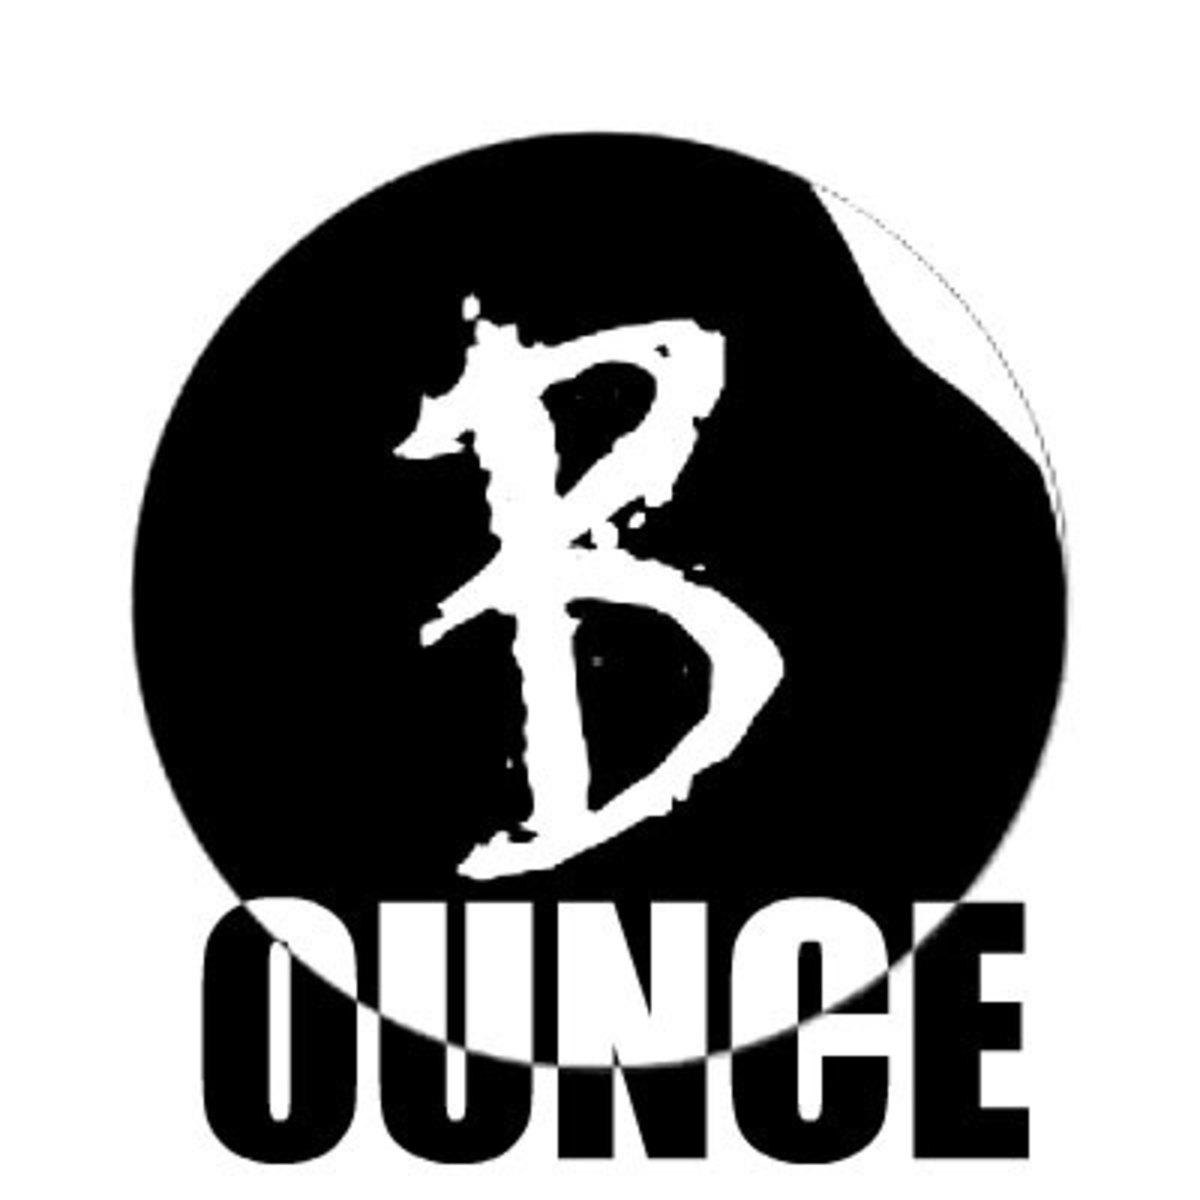 ksparks-bounce.jpg